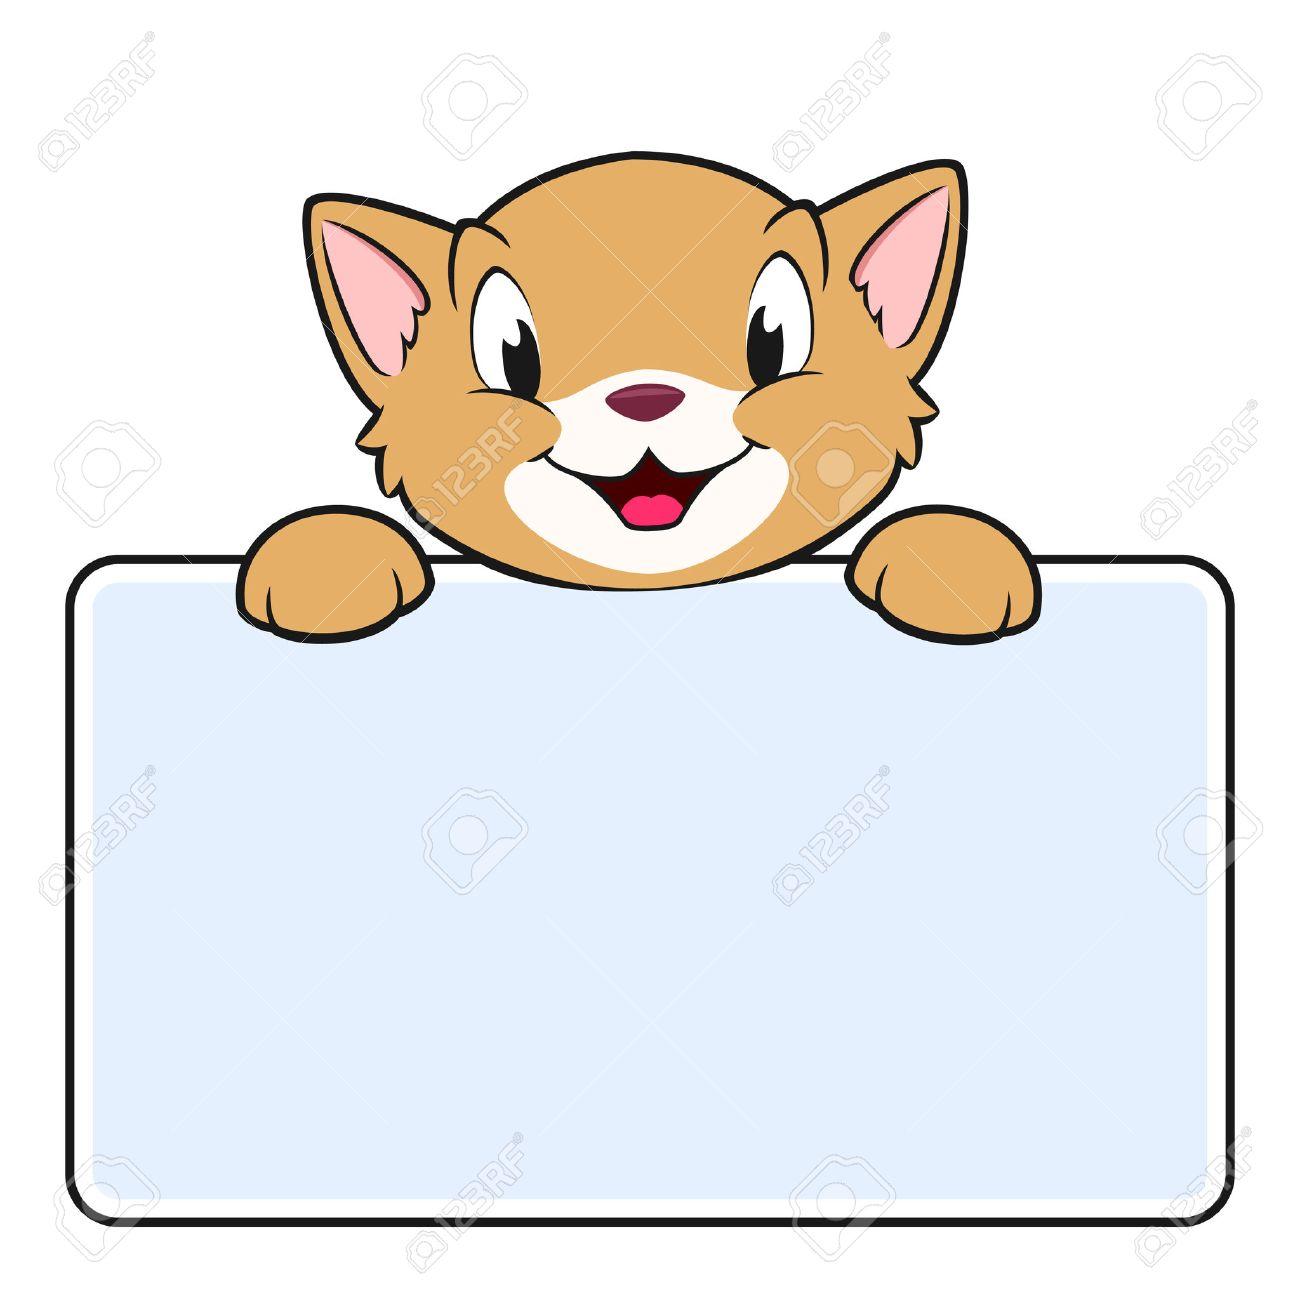 4728645a2d1f8 Foto de archivo - Ilustración vectorial de un gato de dibujos animados con  un cartel en blanco